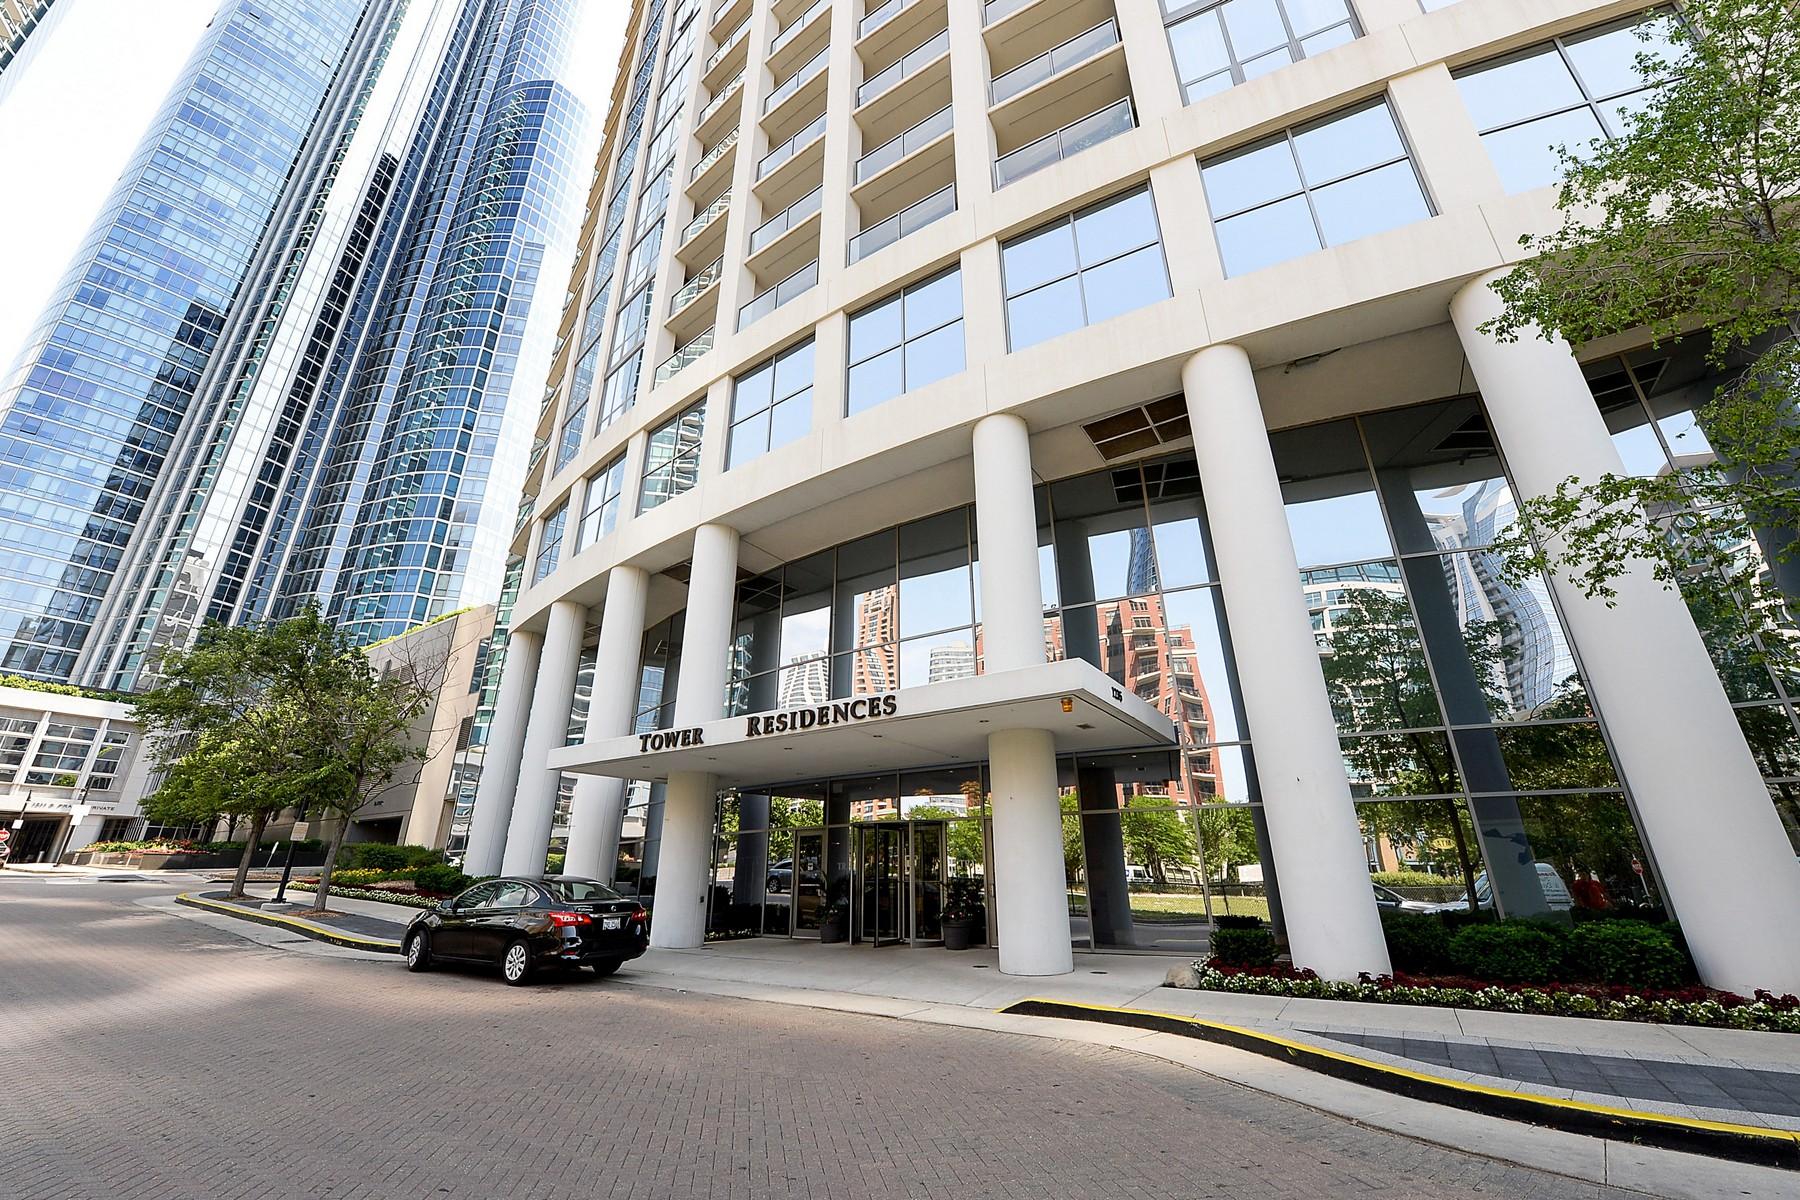 콘도미니엄 용 매매 에 Museum Park Condo with Spectacular Views 1235 S Prairie Avenue Unit 3509 Near South Side, Chicago, 일리노이즈, 60605 미국